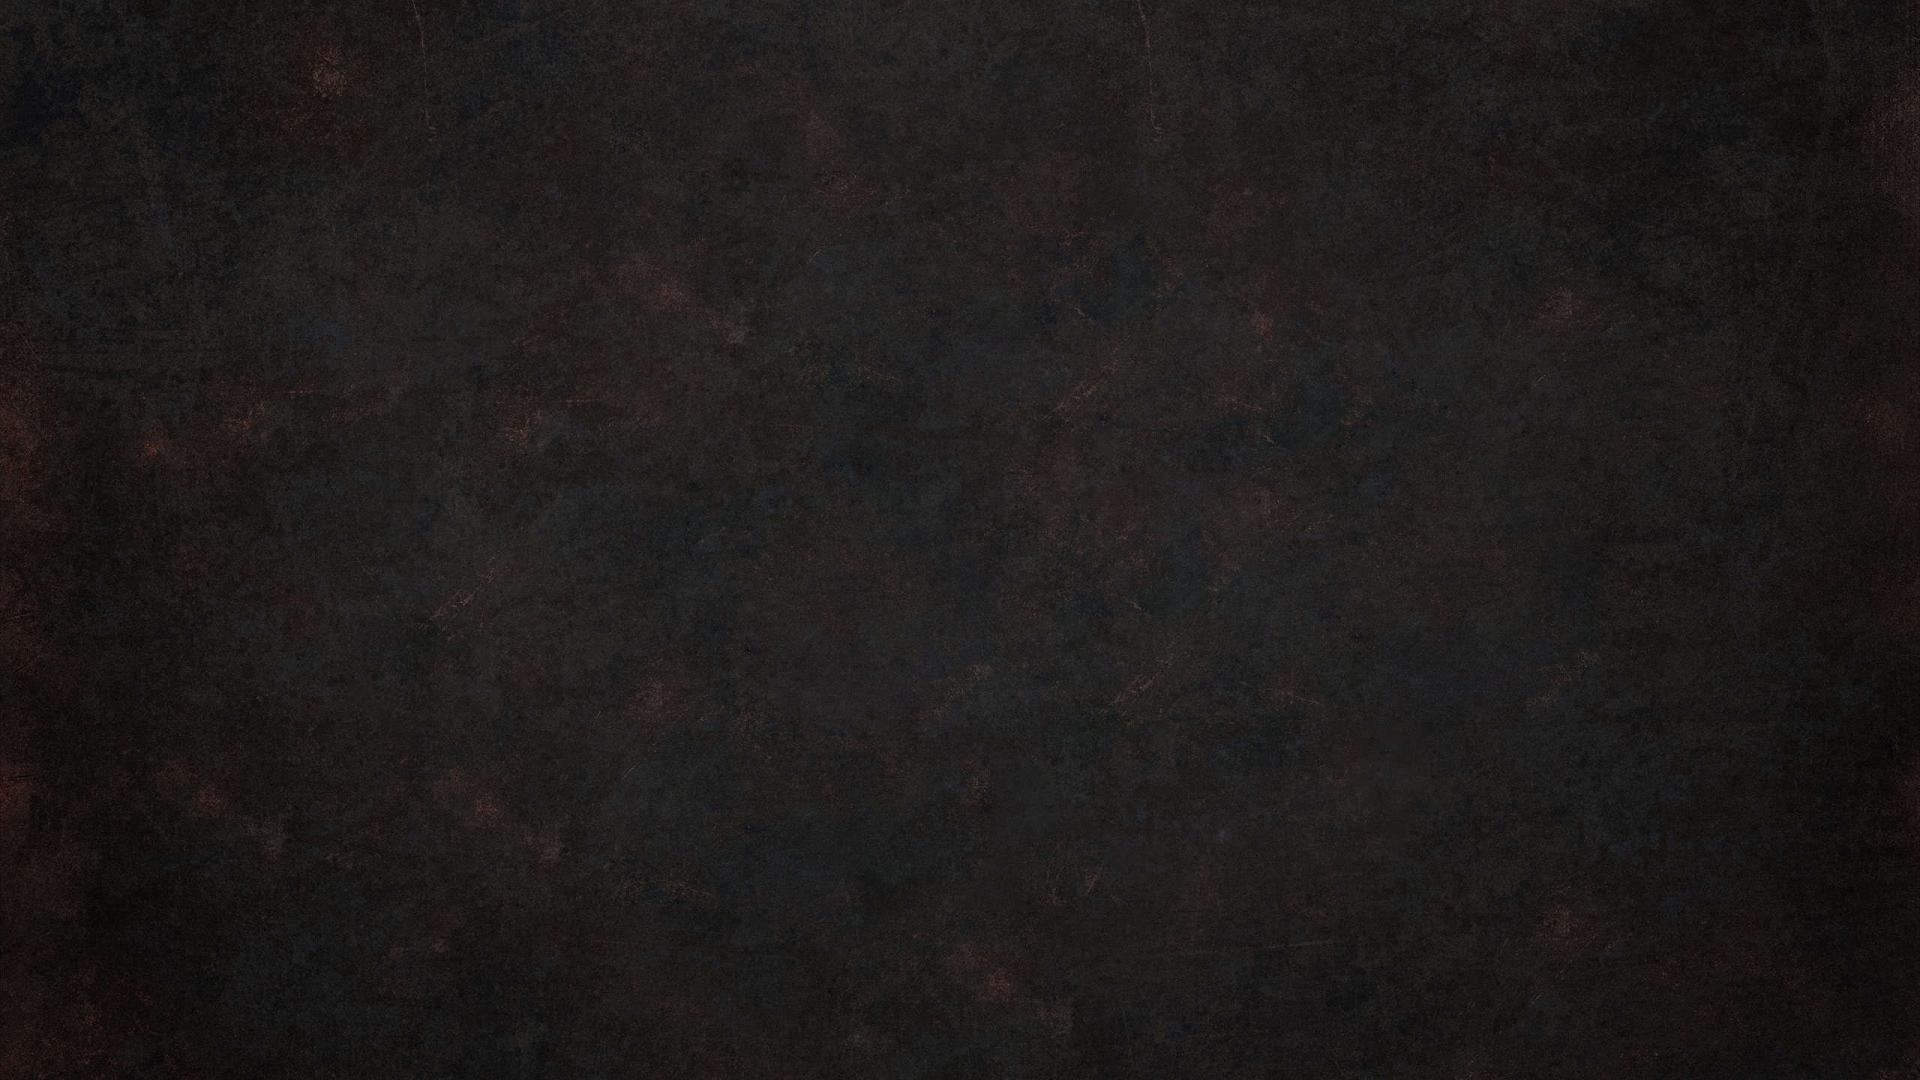 ... Grunge, Surface, Dark, Background Wallpaper, Background Full HD 1080p